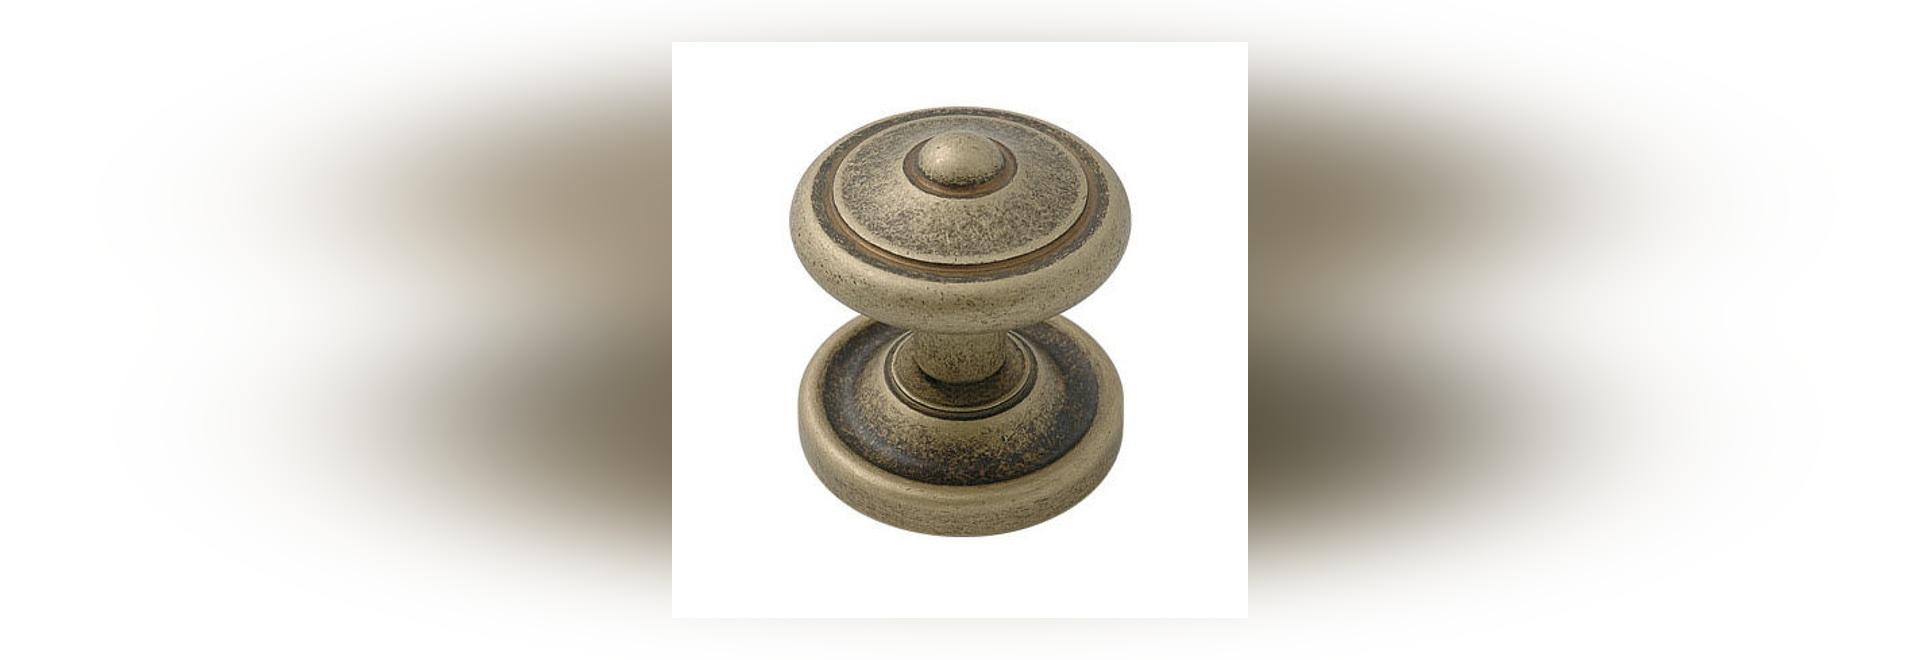 NEW: brass door knob by ZERMAT